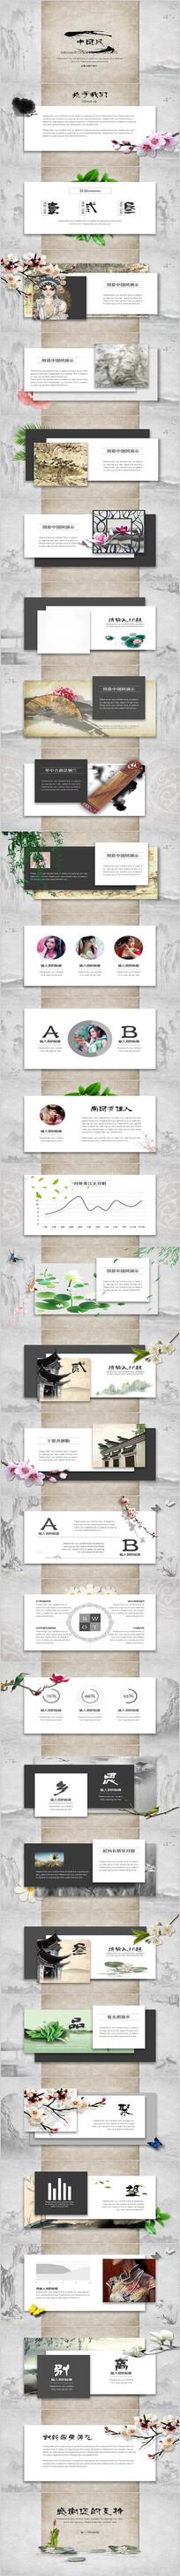 中国风古典美学国学文化ppt